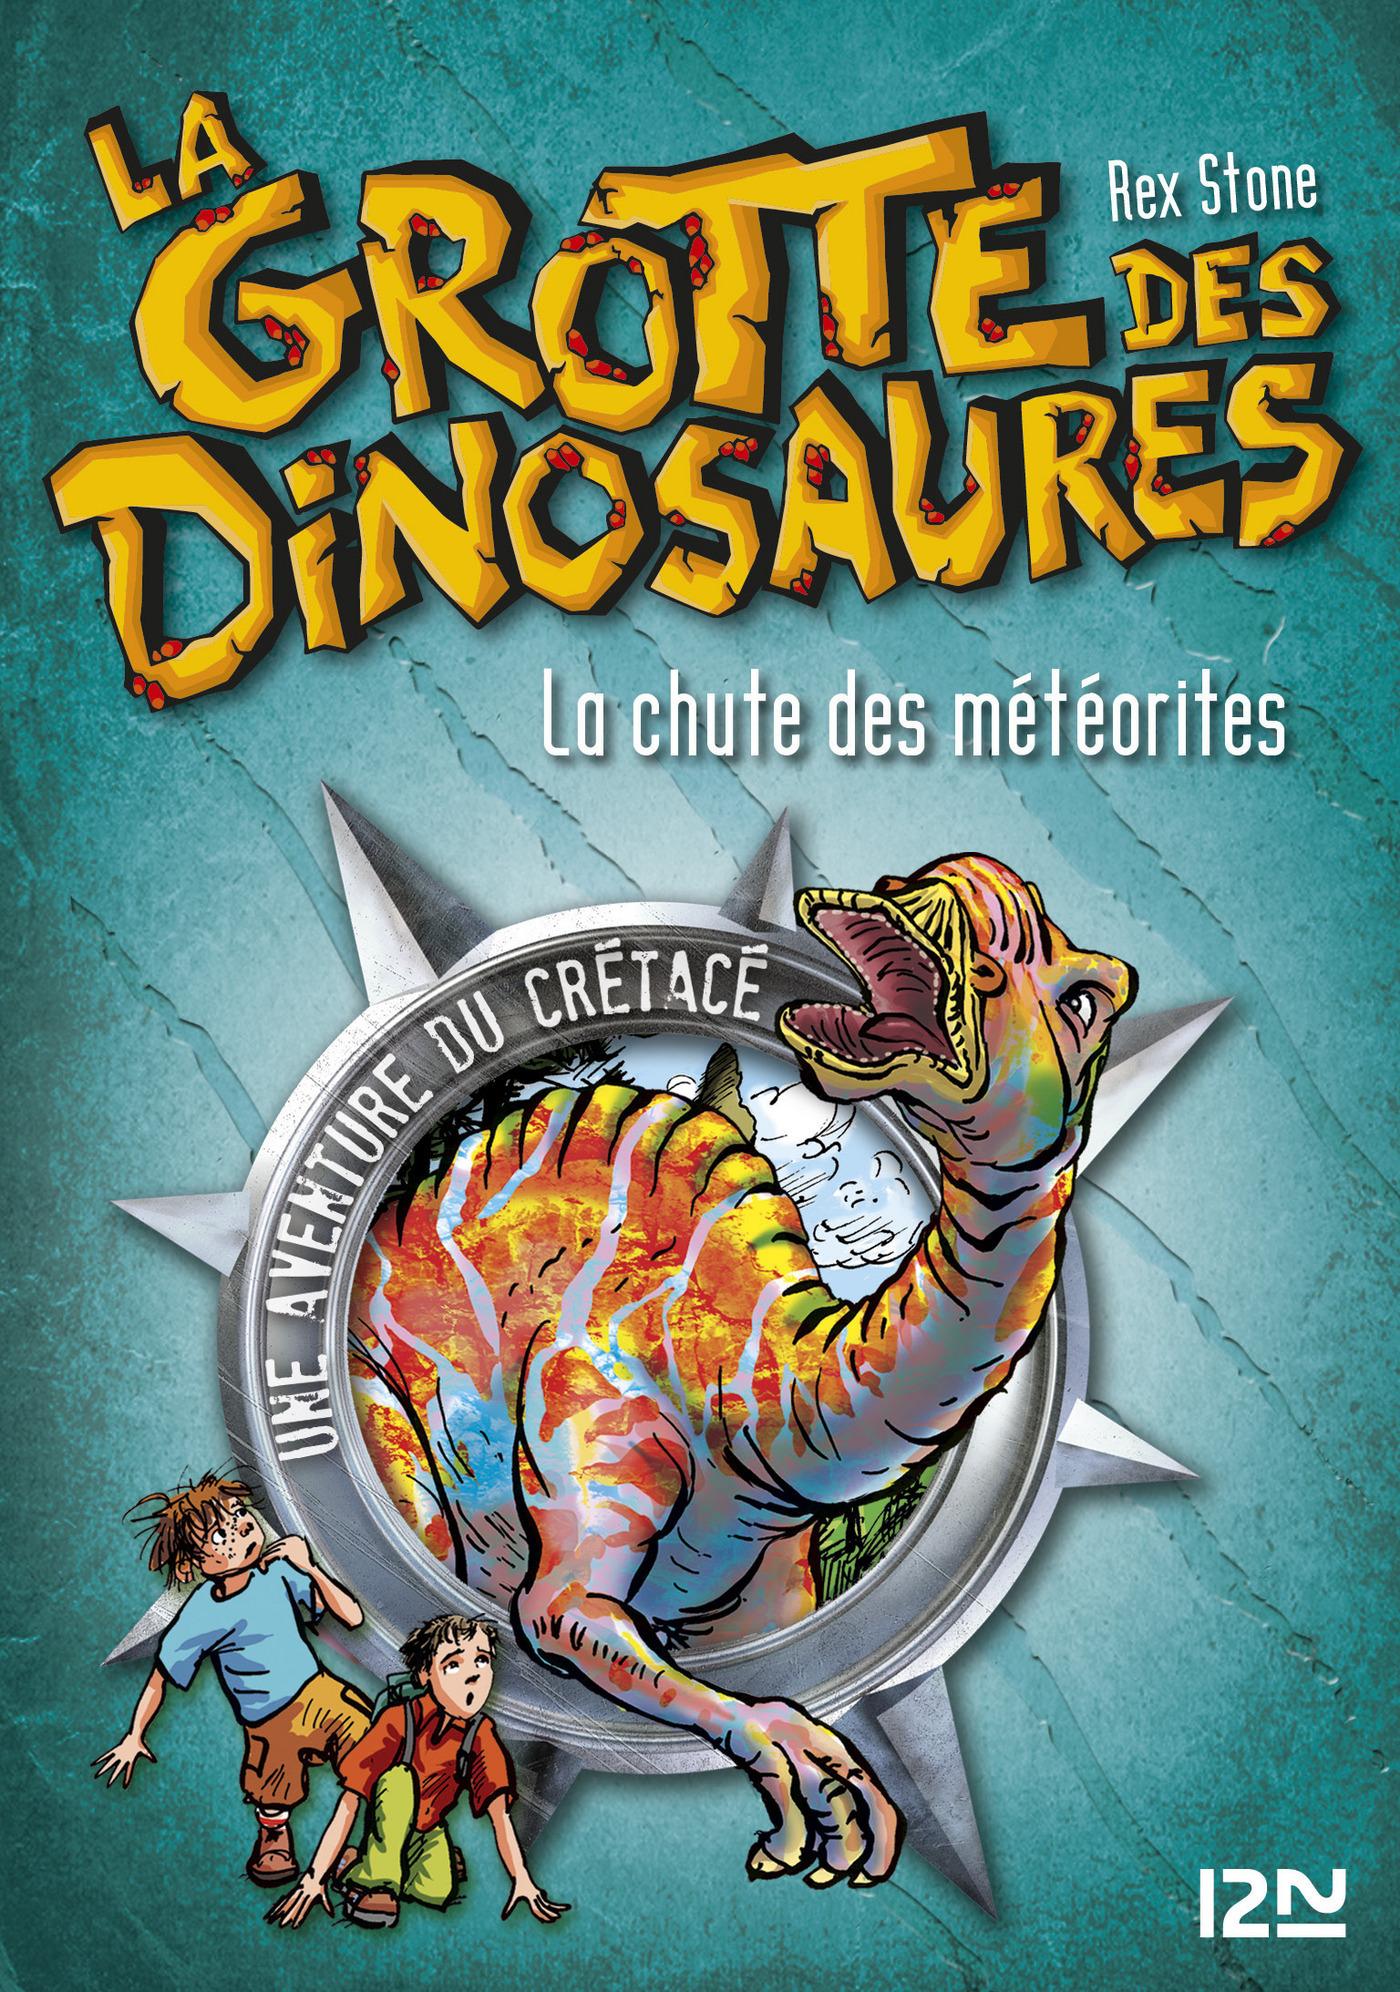 La grotte des dinosaures tome 6, LA CHUTE DES MÉTÉORITES